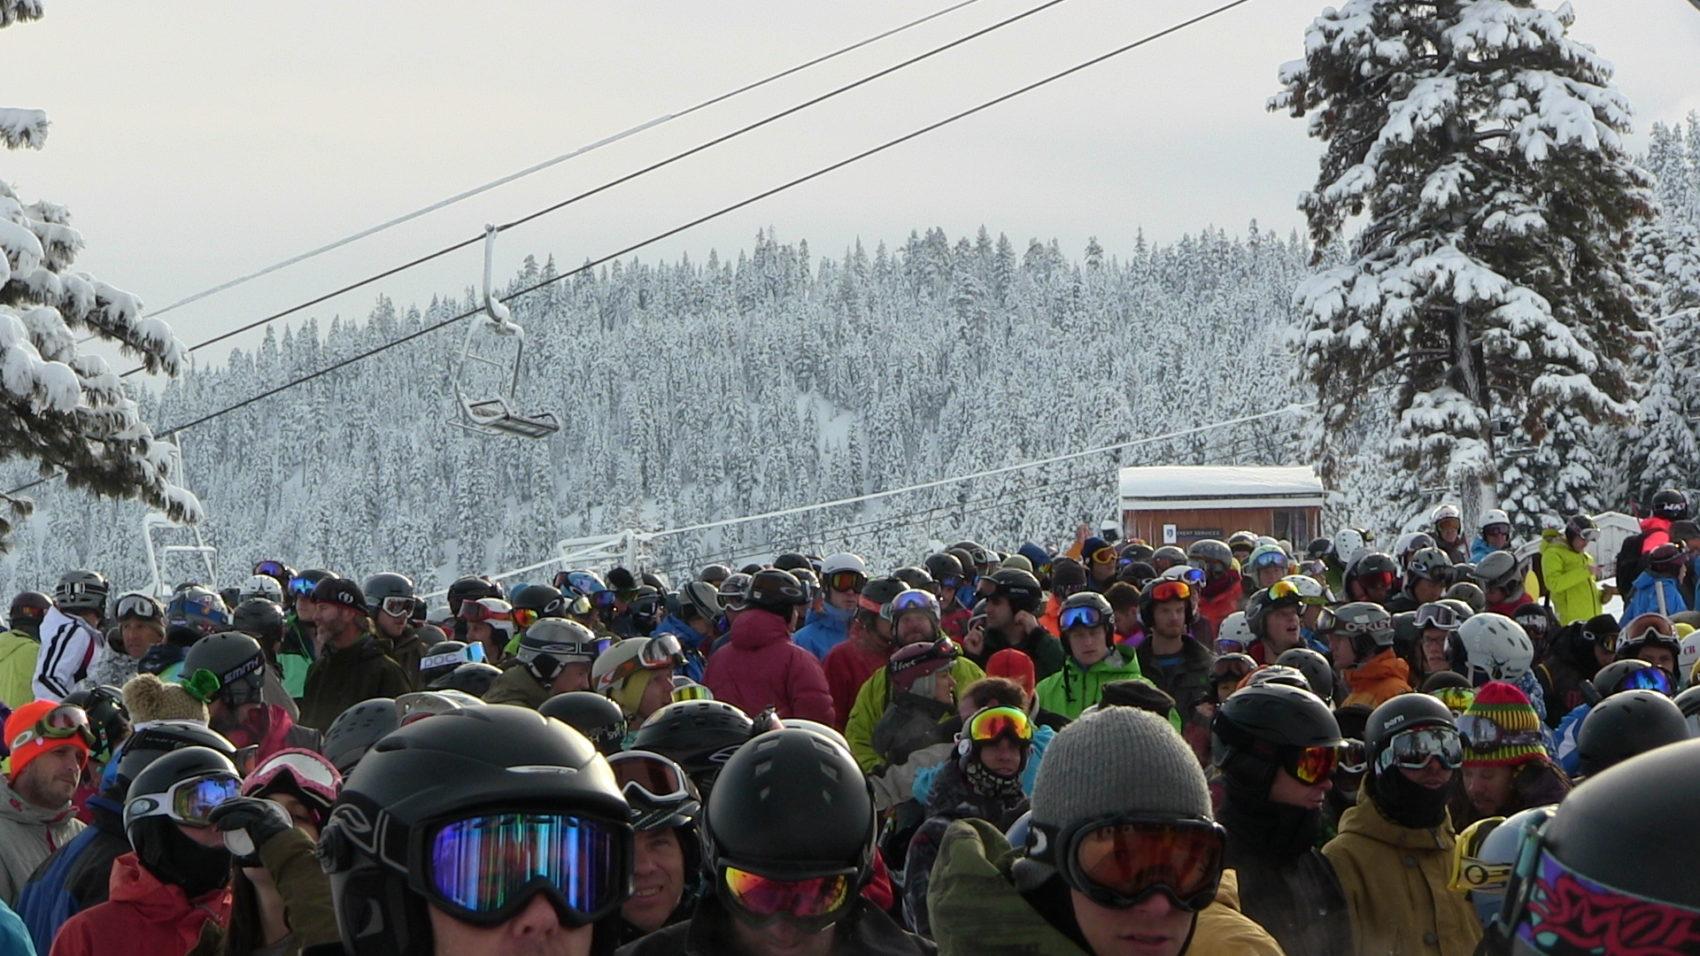 A massive lift line